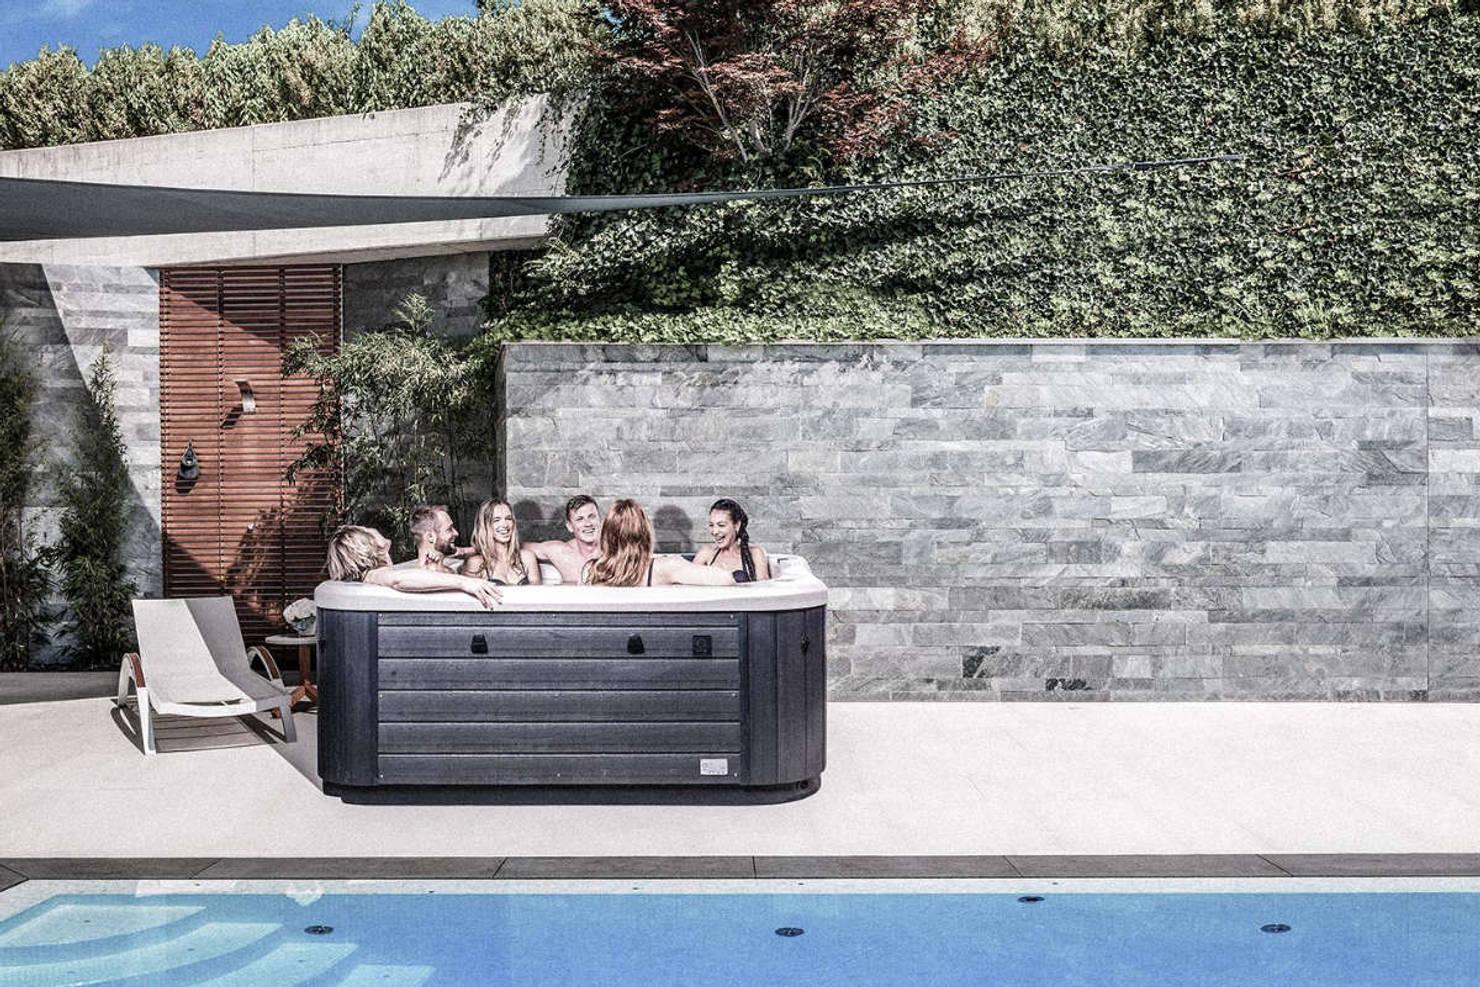 Coole Whirlpools für die ganze Familie